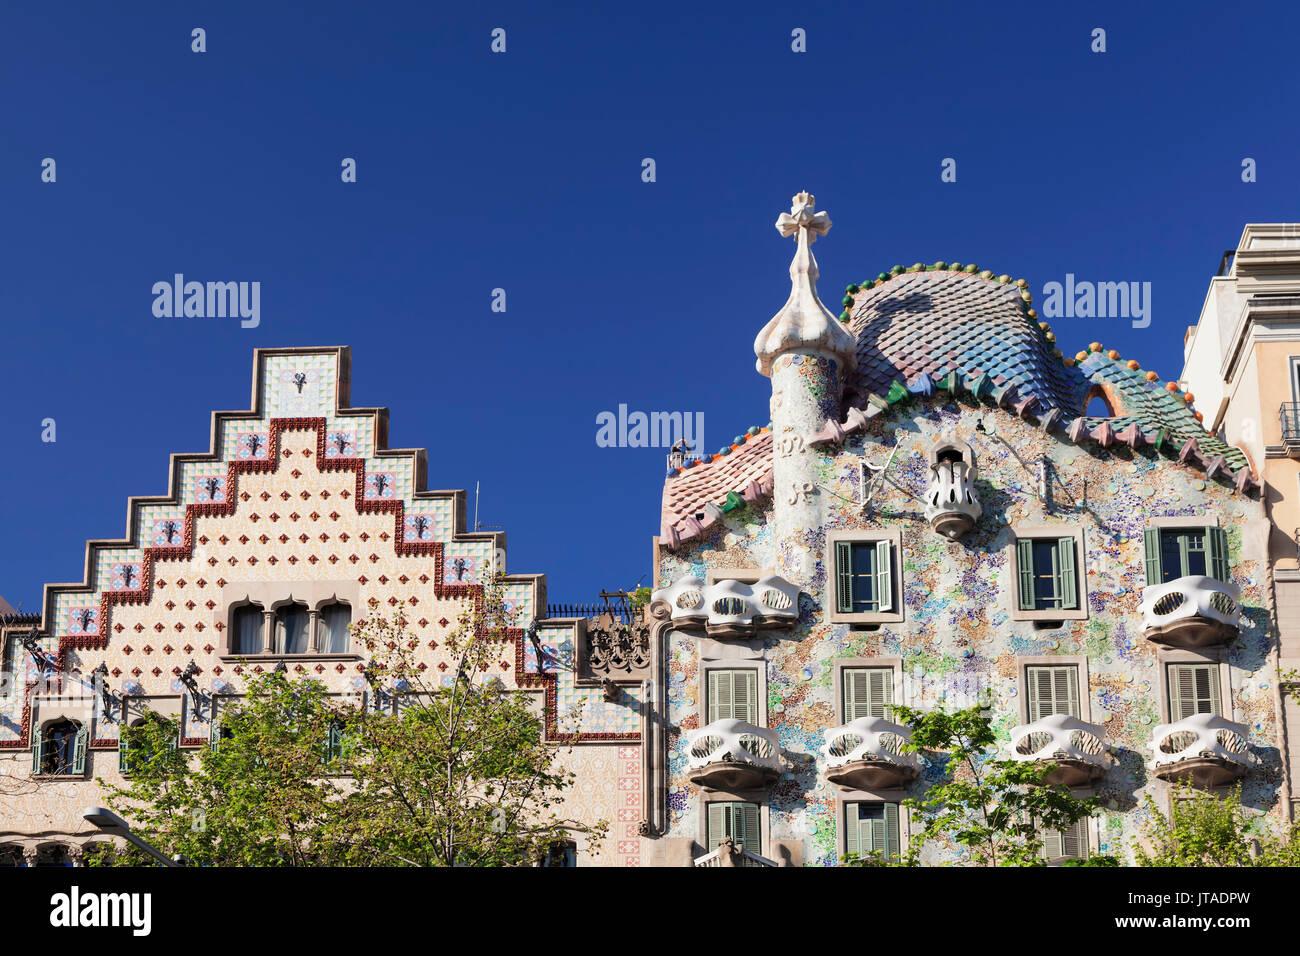 Casa Batllo, architetto Antonio Gaudì, Sito Patrimonio Mondiale dell'UNESCO, Casa Amatller, Modernisme, Barcellona, in Catalogna, Spagna, Europa Immagini Stock